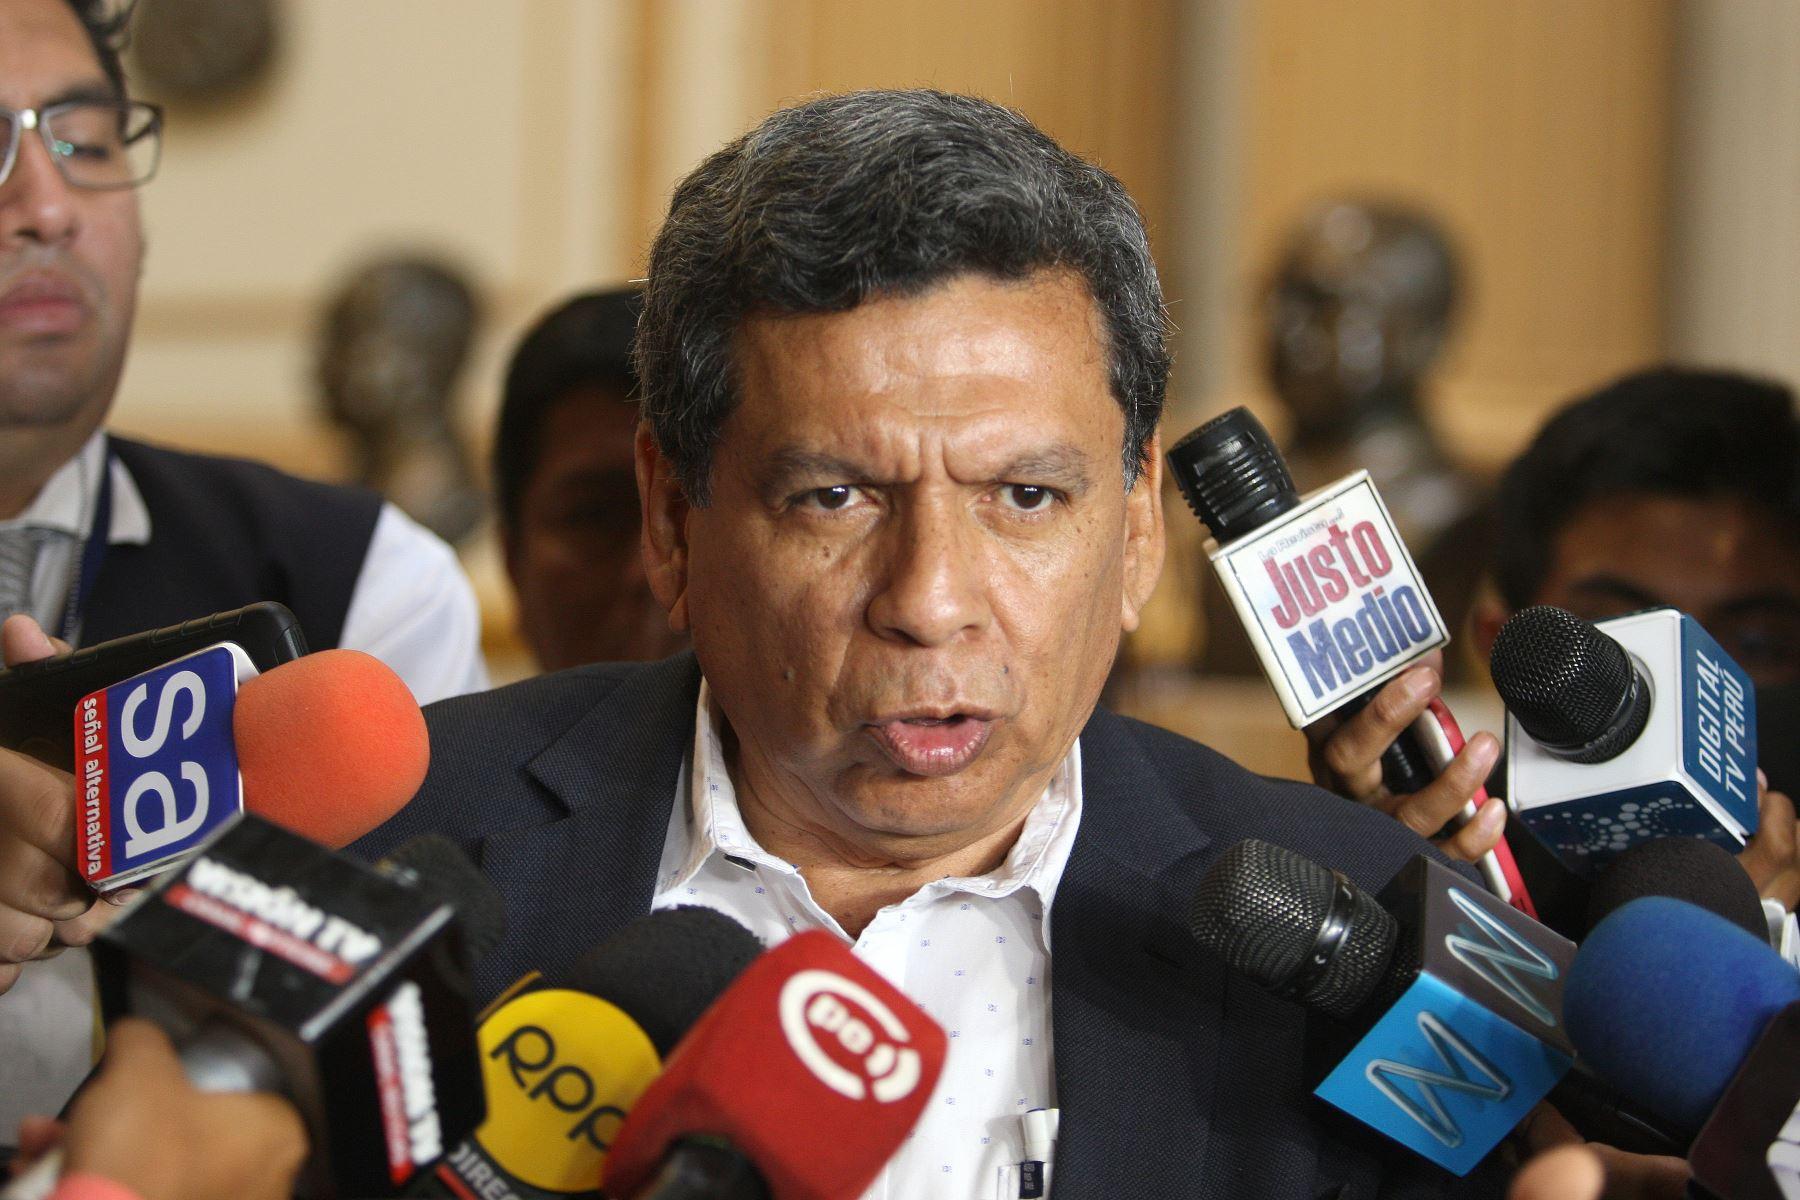 Resultado de imagen para Cevallos andina